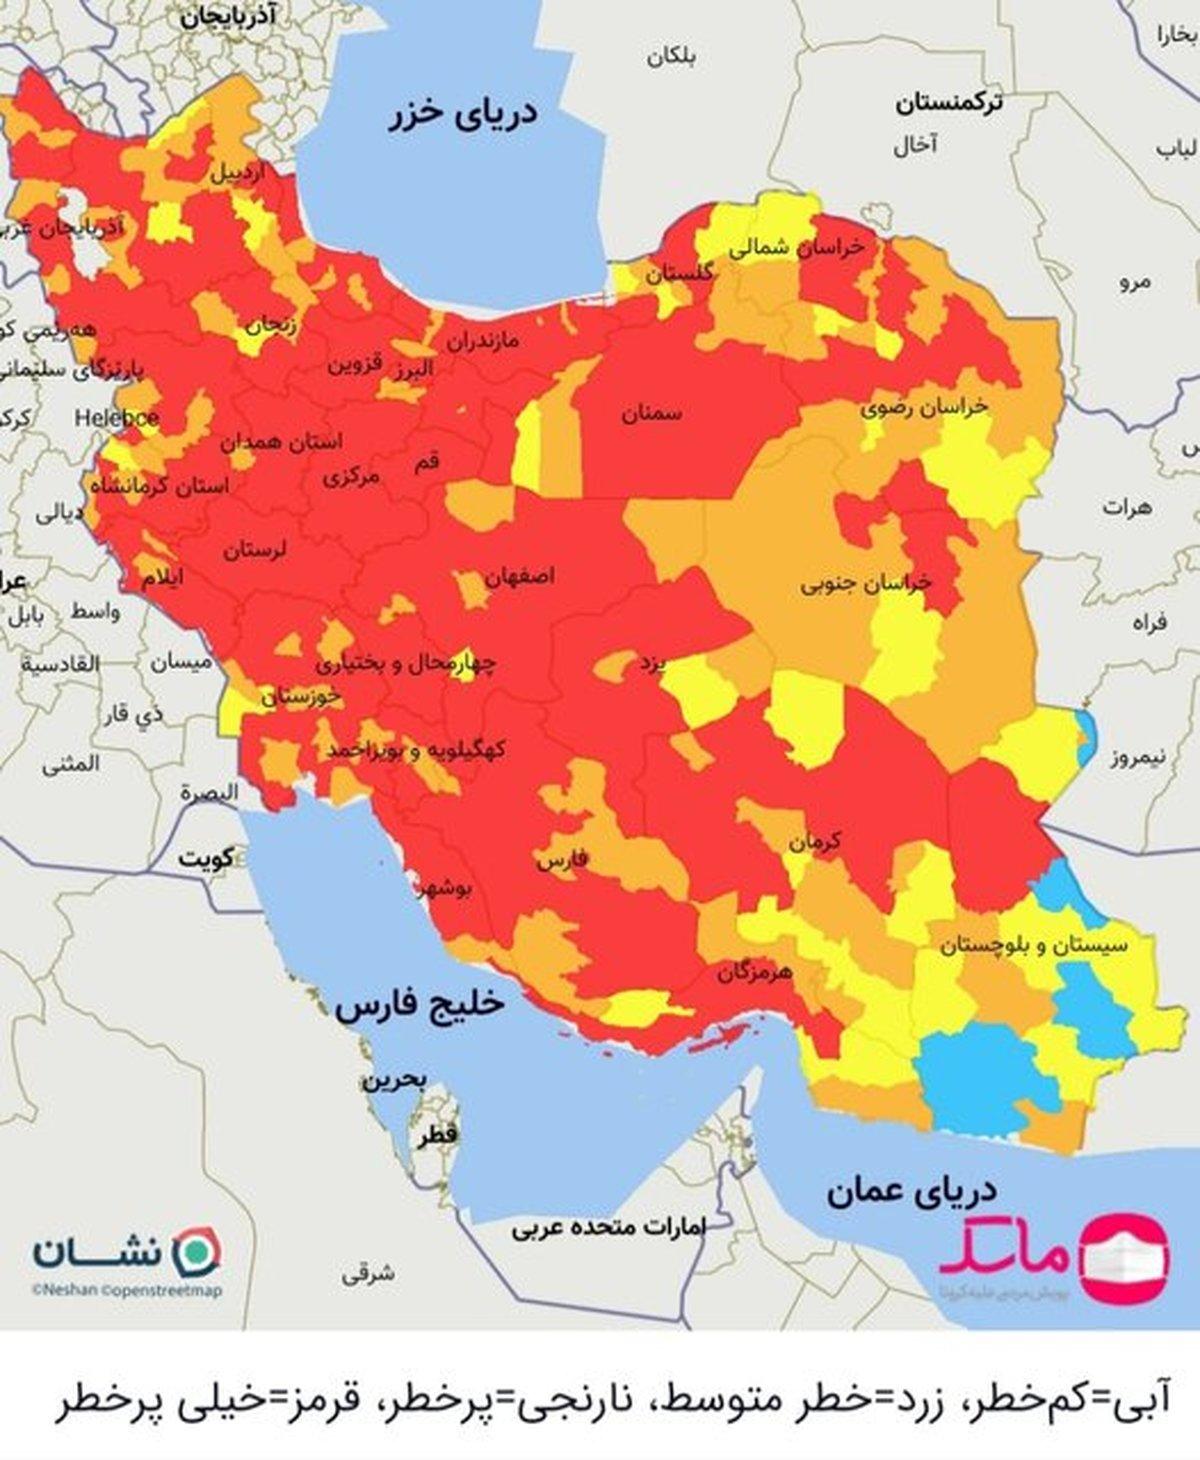 وضعیت قرمز در تمام مراکز استانها | سرعت افزایش بستری در خیز چهارم کرونا